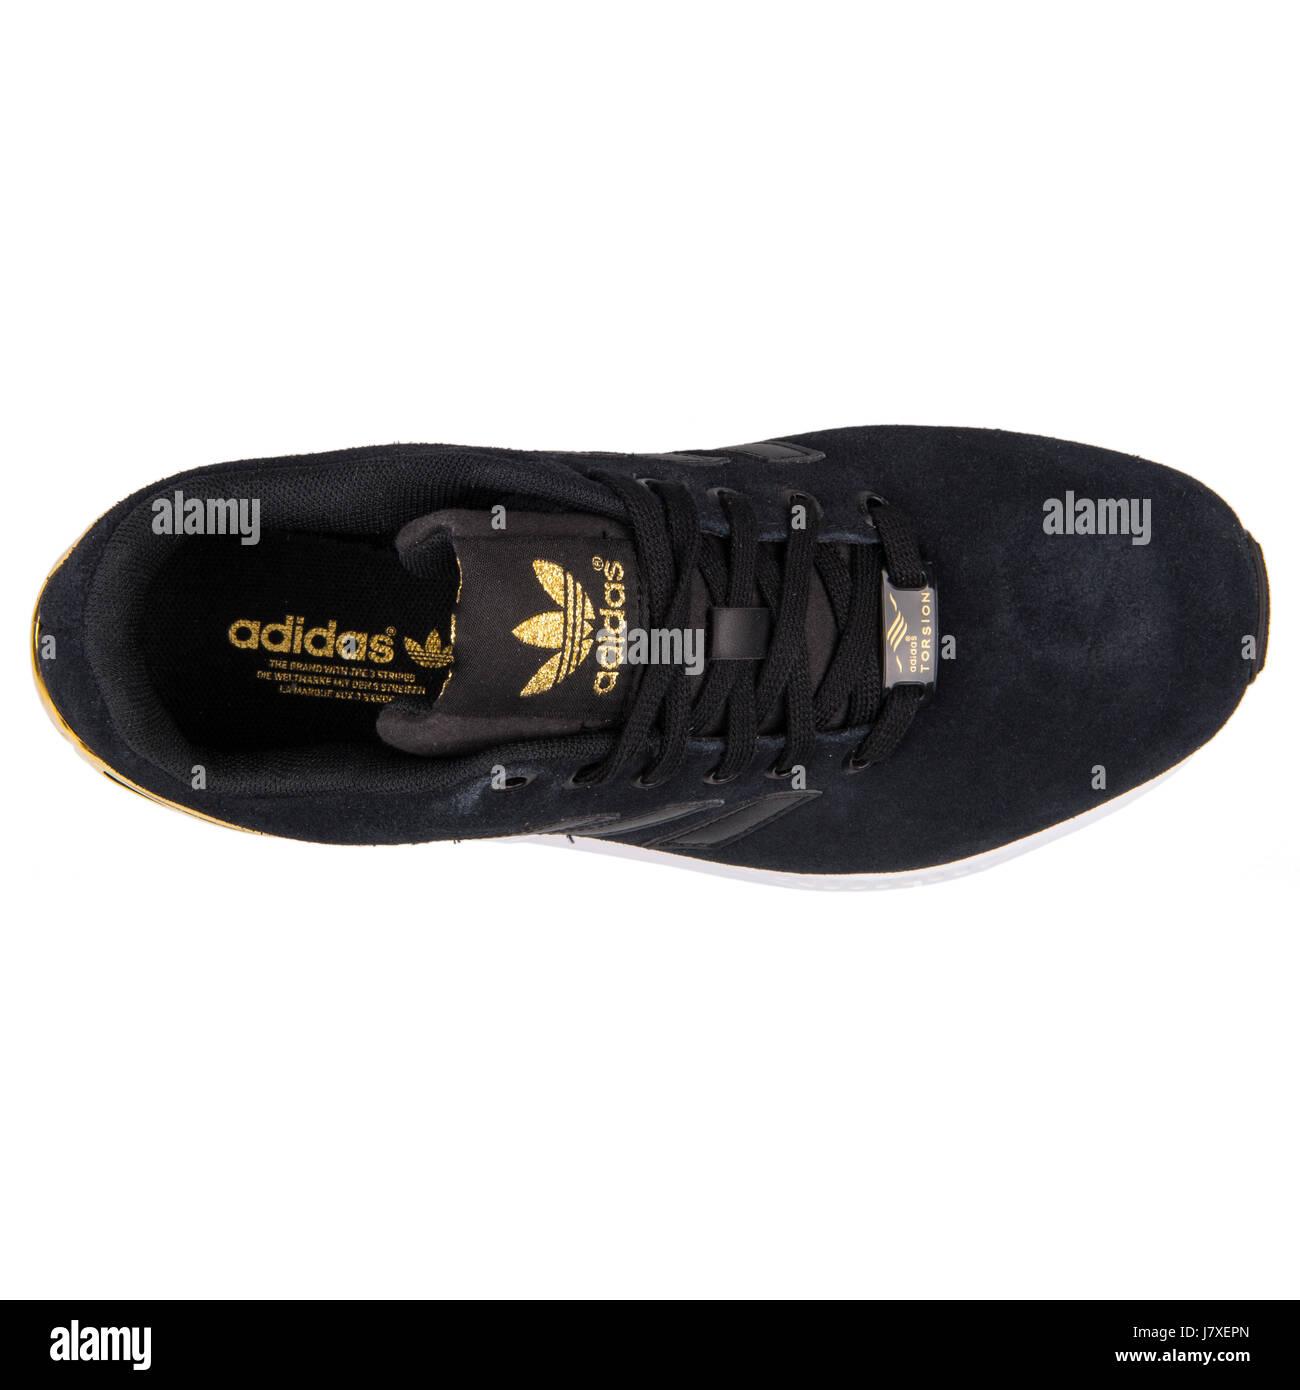 cfd8cc597eec52 Adidas ZX Flux W Damen Sneakers von Schwarz und Gold - B35319 Stockbild